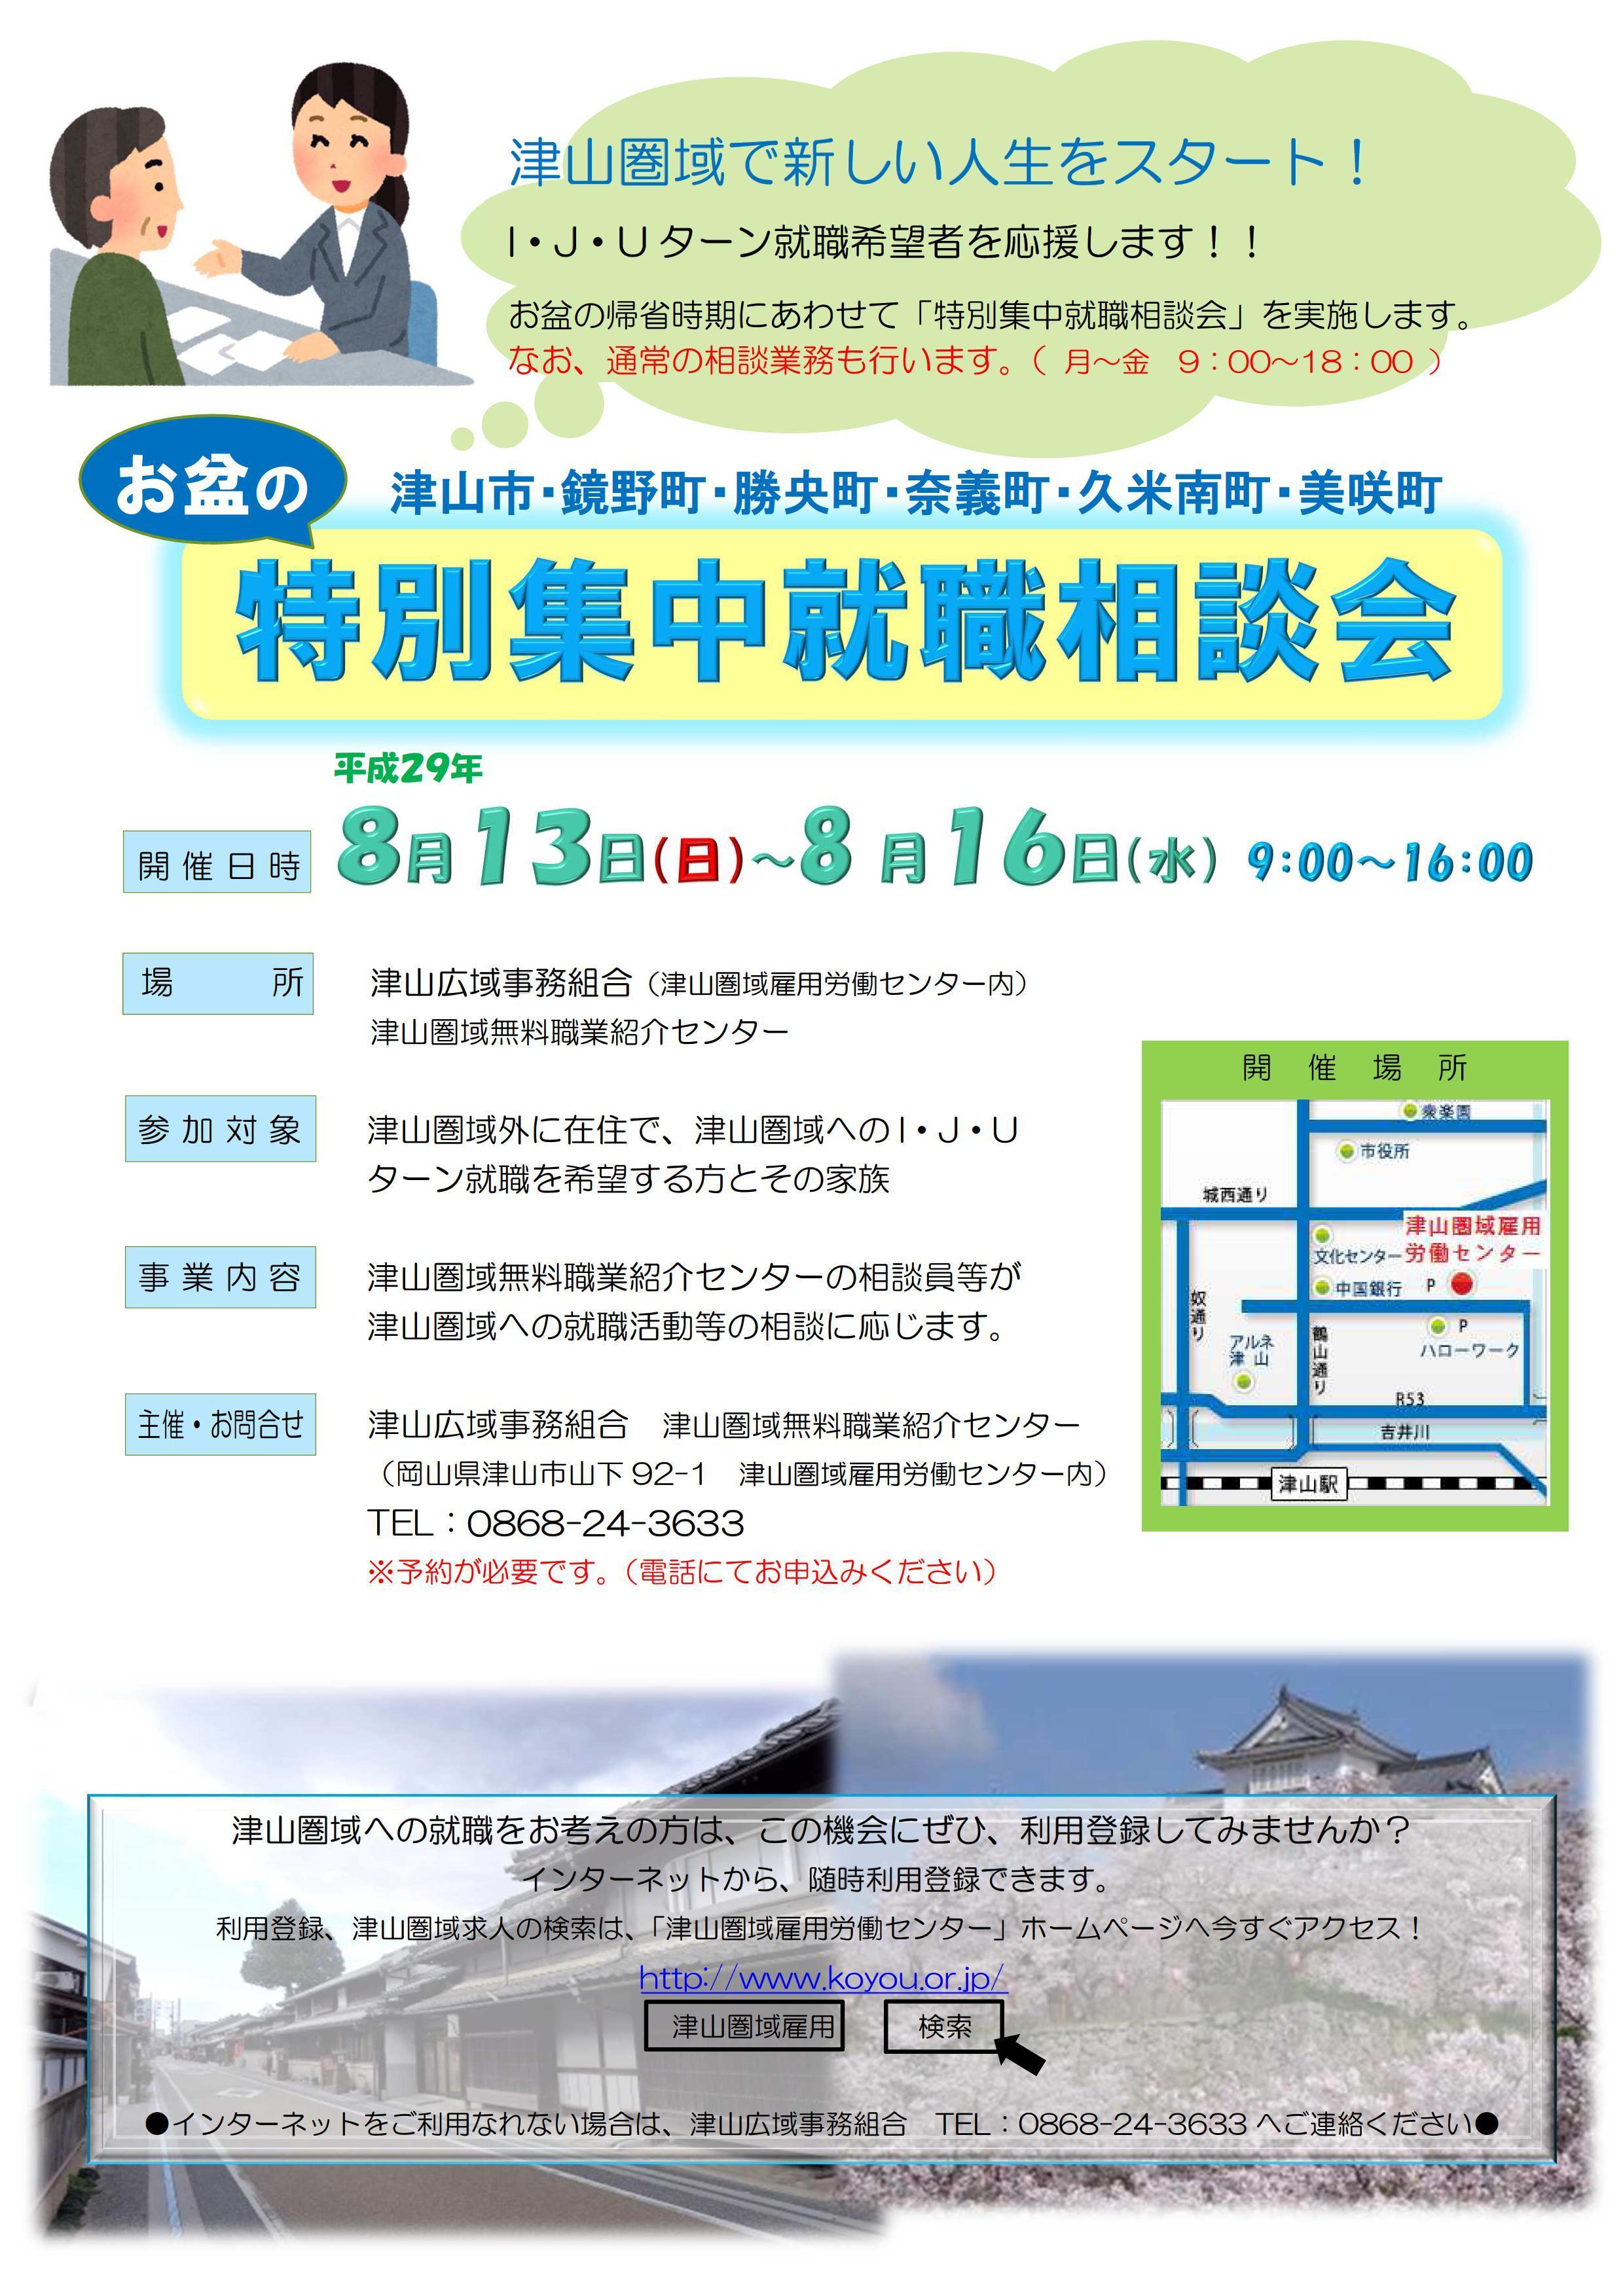 2017年8月13日(日)~8月16日(水)お盆の特別集中就職相談会 開催のお知らせ